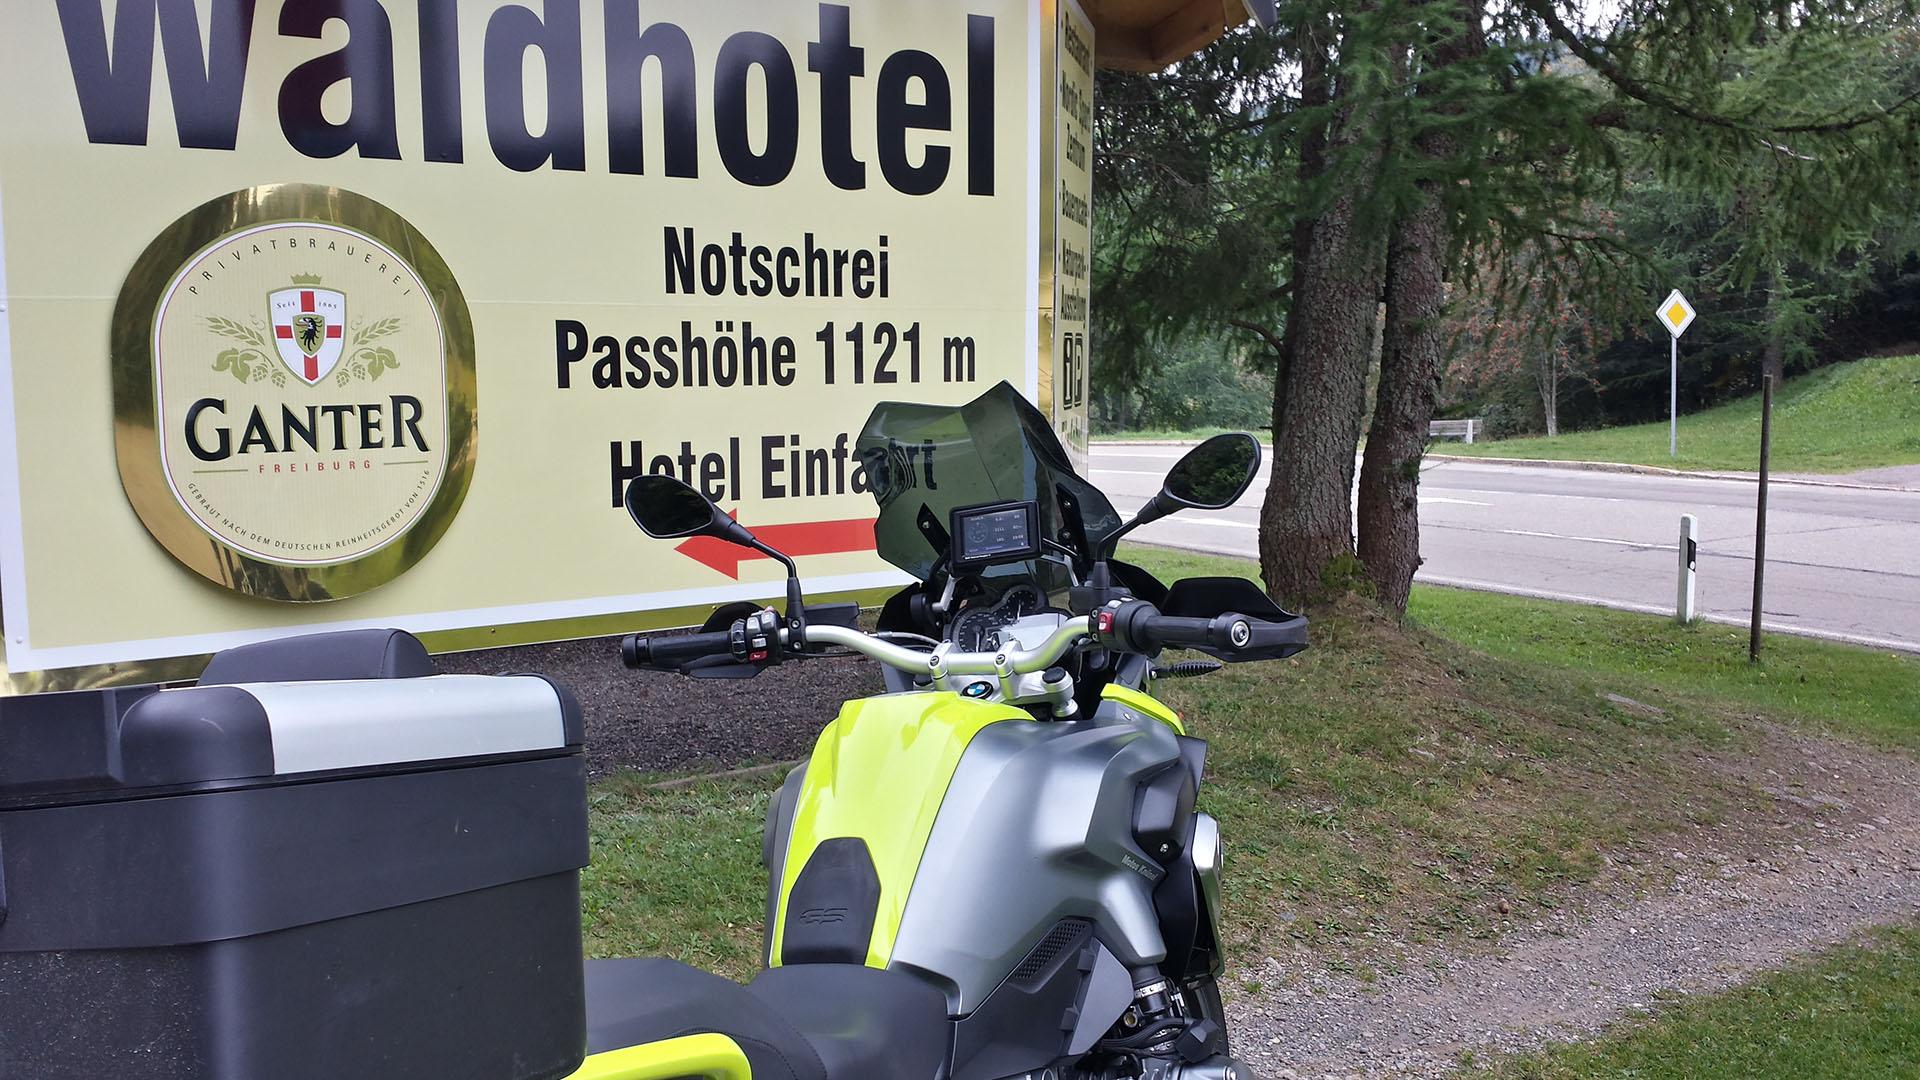 1121 - D - Notschrei